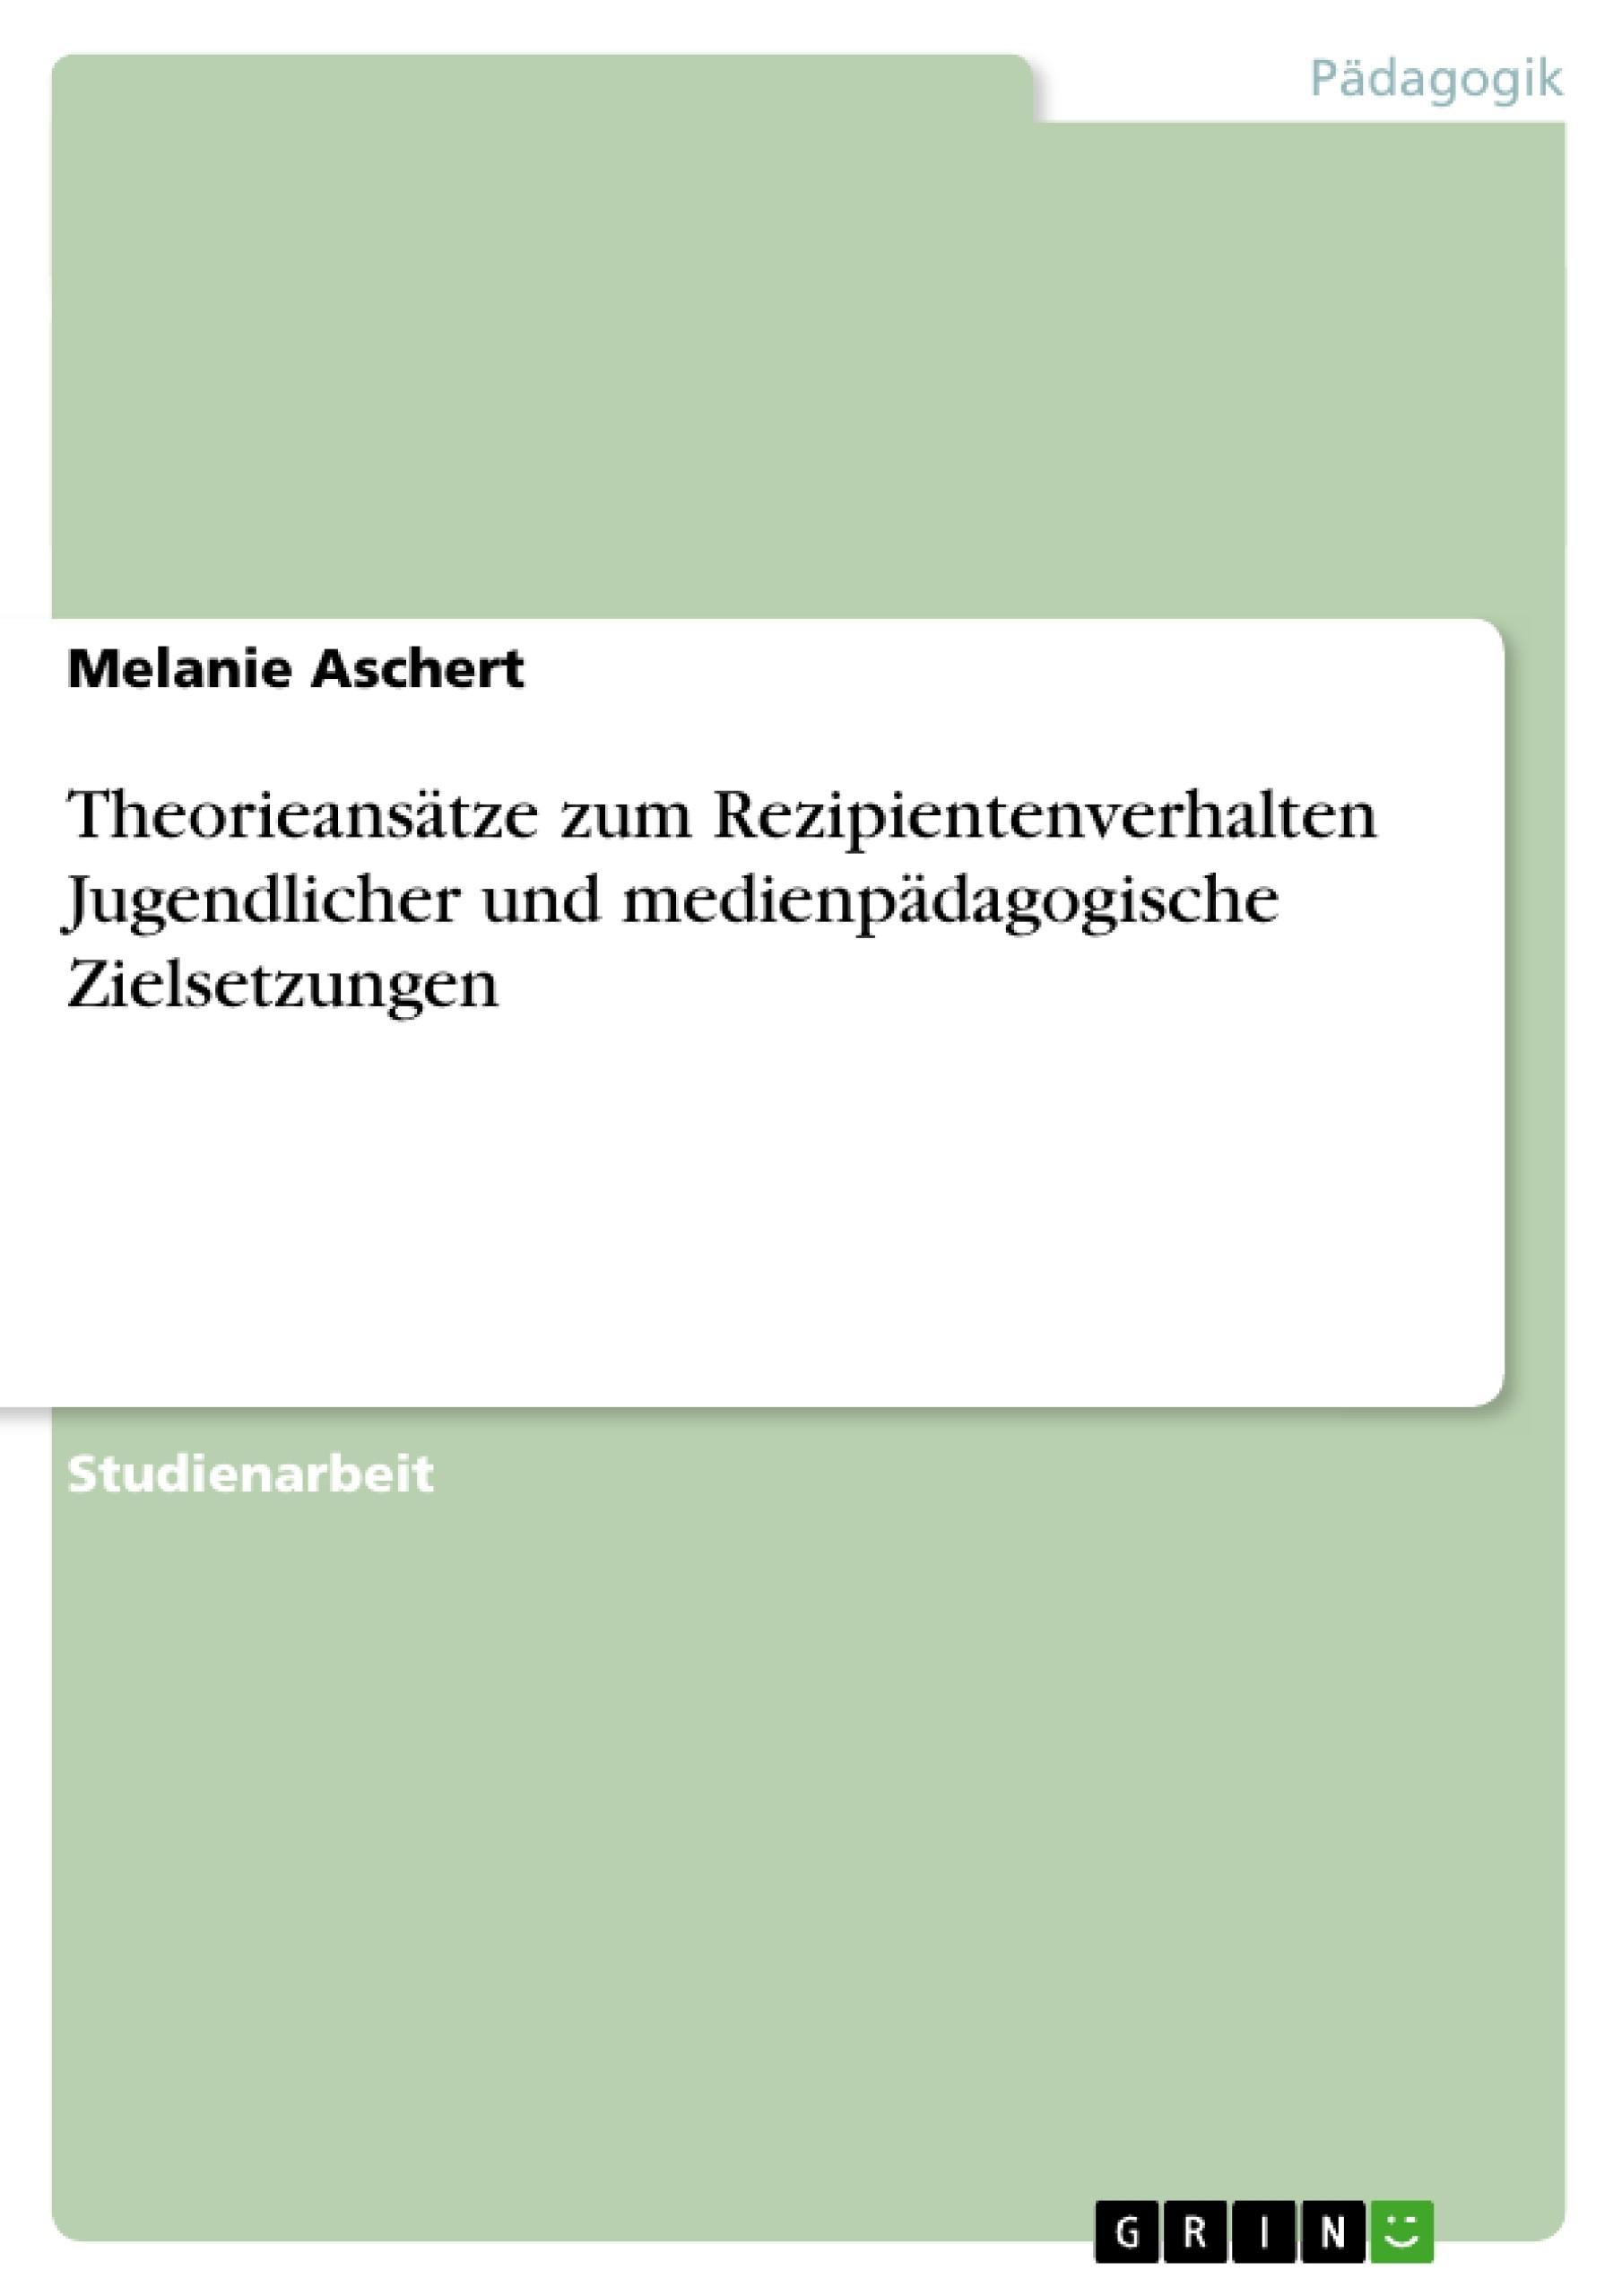 Titel: Theorieansätze zum Rezipientenverhalten Jugendlicher und medienpädagogische Zielsetzungen